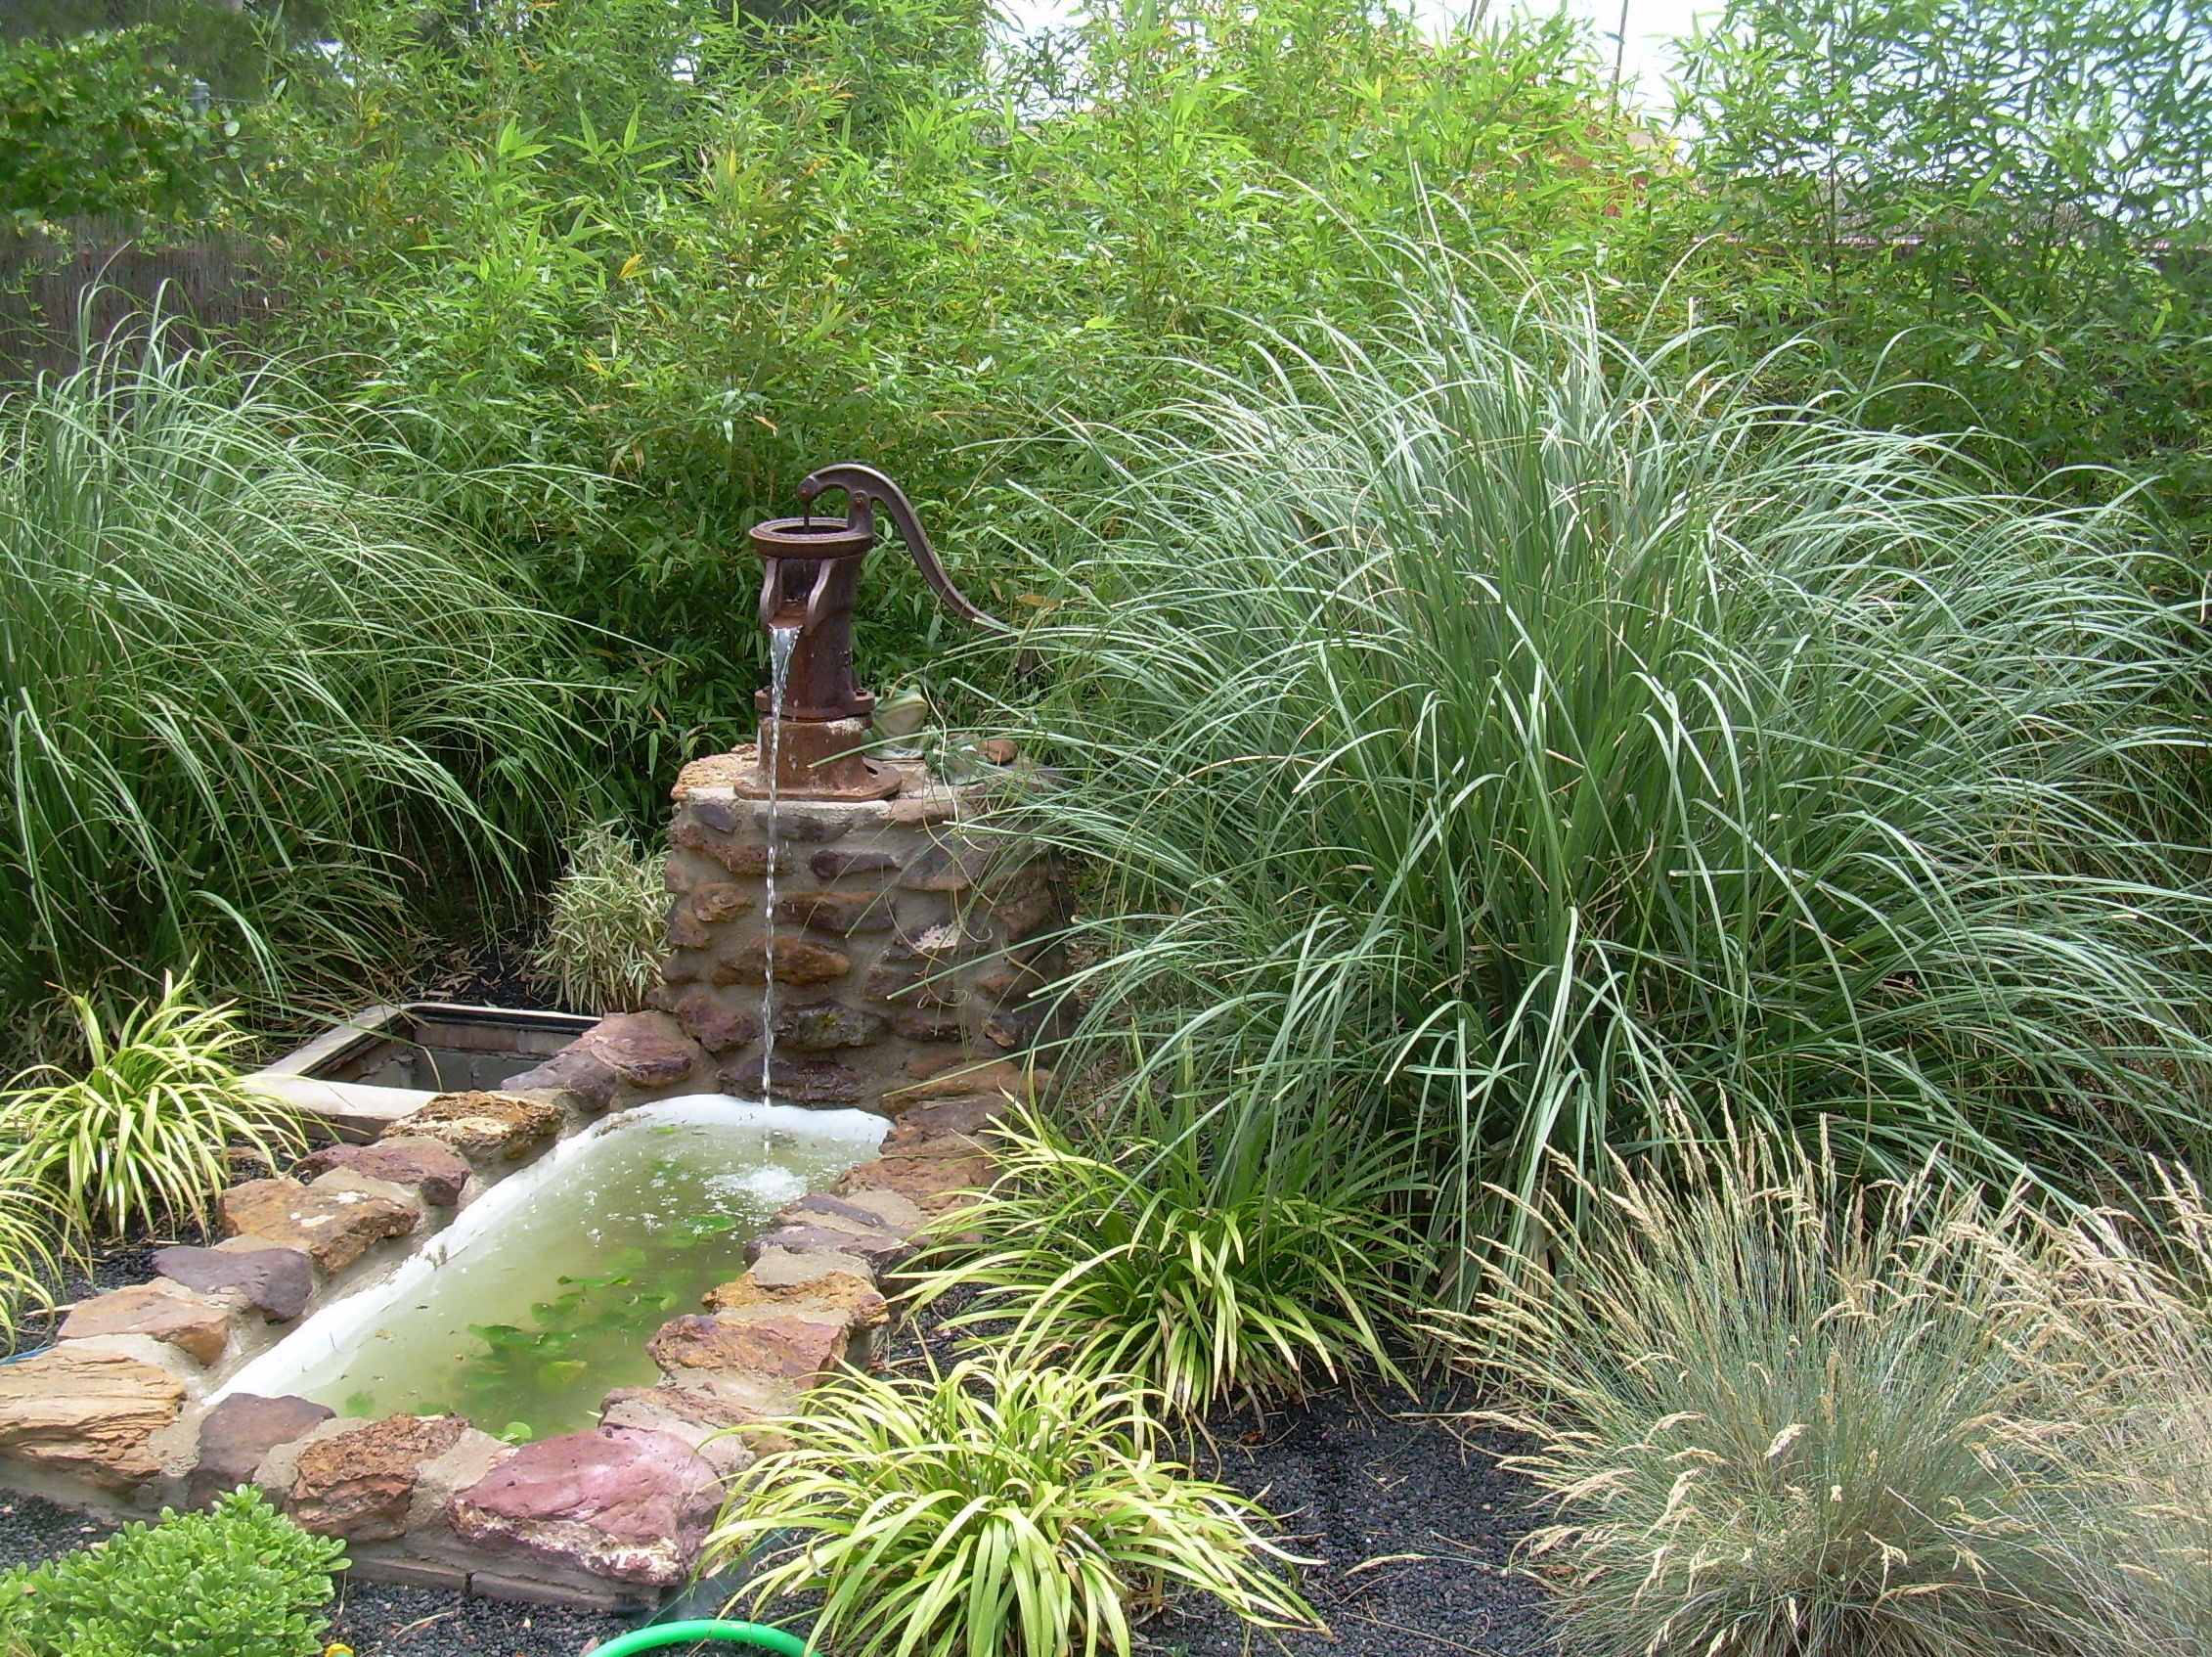 Dise o de jardines servicios de jardiner a sancho - Disenos de jardineria ...